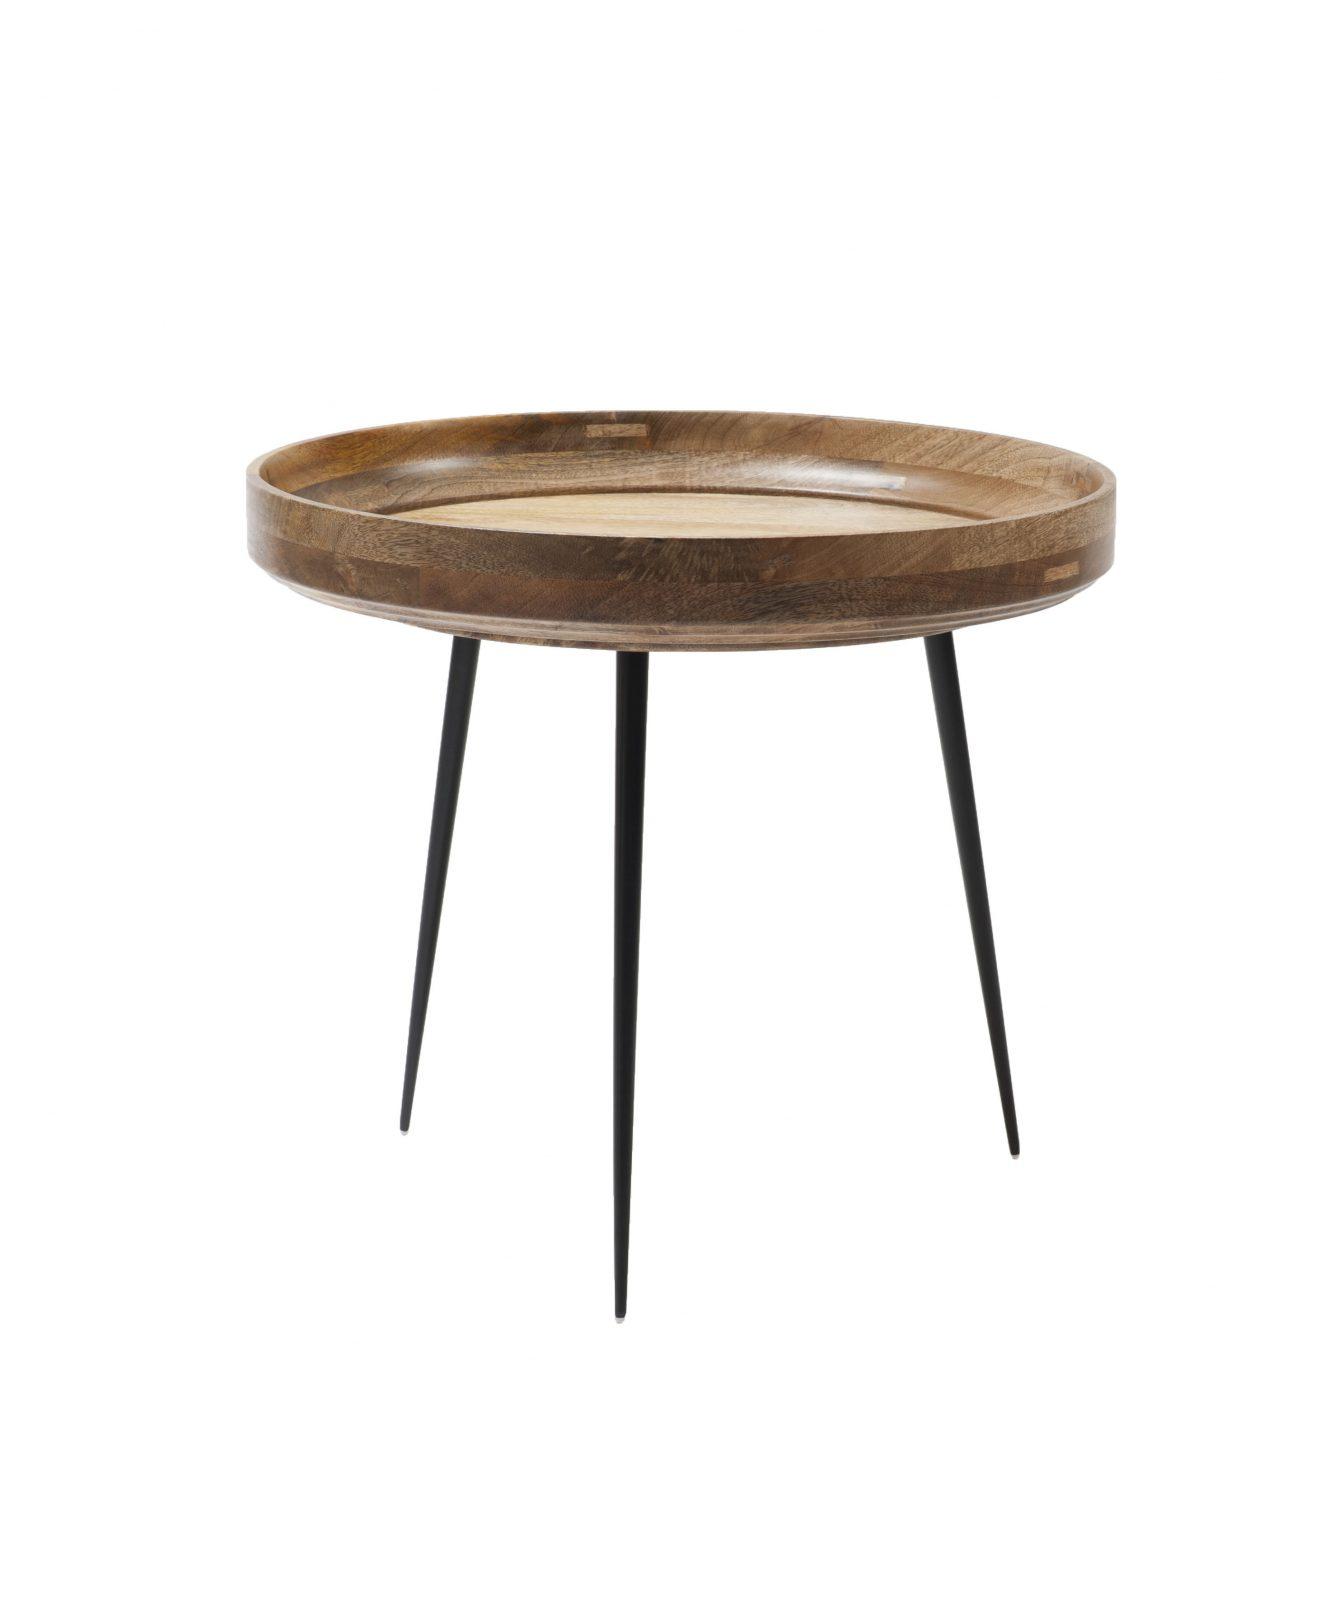 Mater design bowl tisch nordic urban gmbh for Tisch nordic design